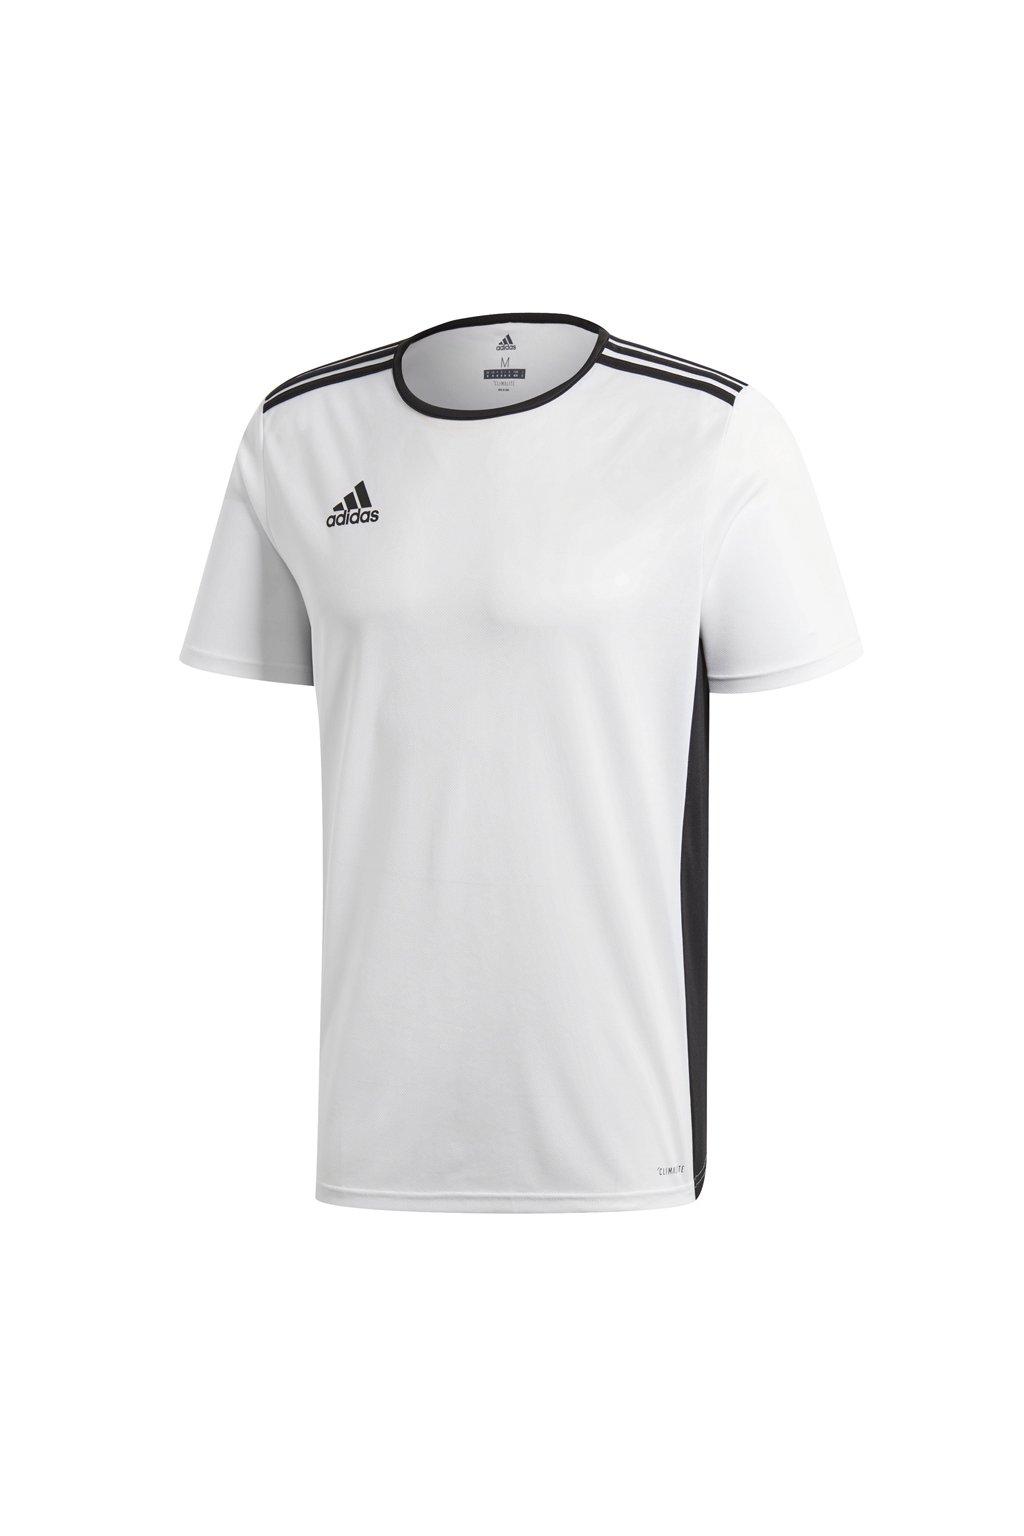 Adidas Entrada 18 Jersey pánske biele tričko CD8438